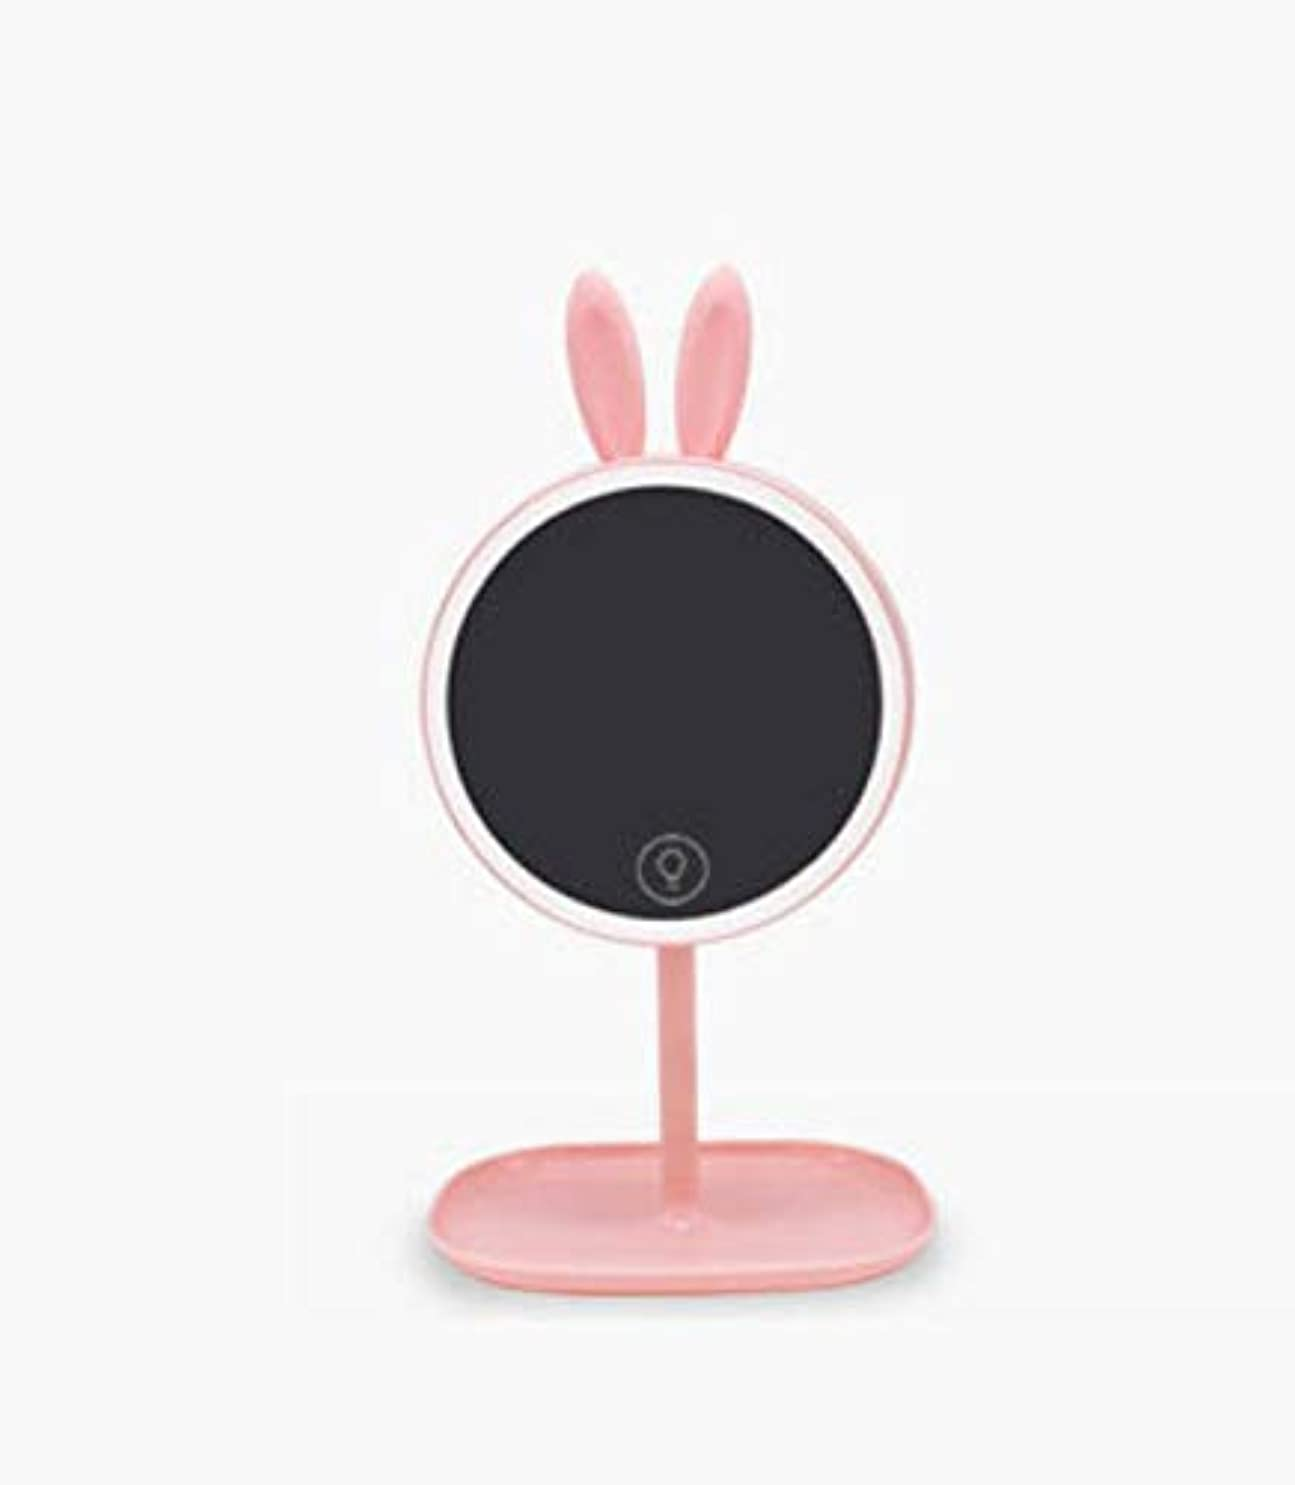 ドラゴン遠えバルブ化粧鏡、かわいい軽い耳の化粧鏡テーブルランプ付きLedライト化粧ギフト (Color : ピンク)